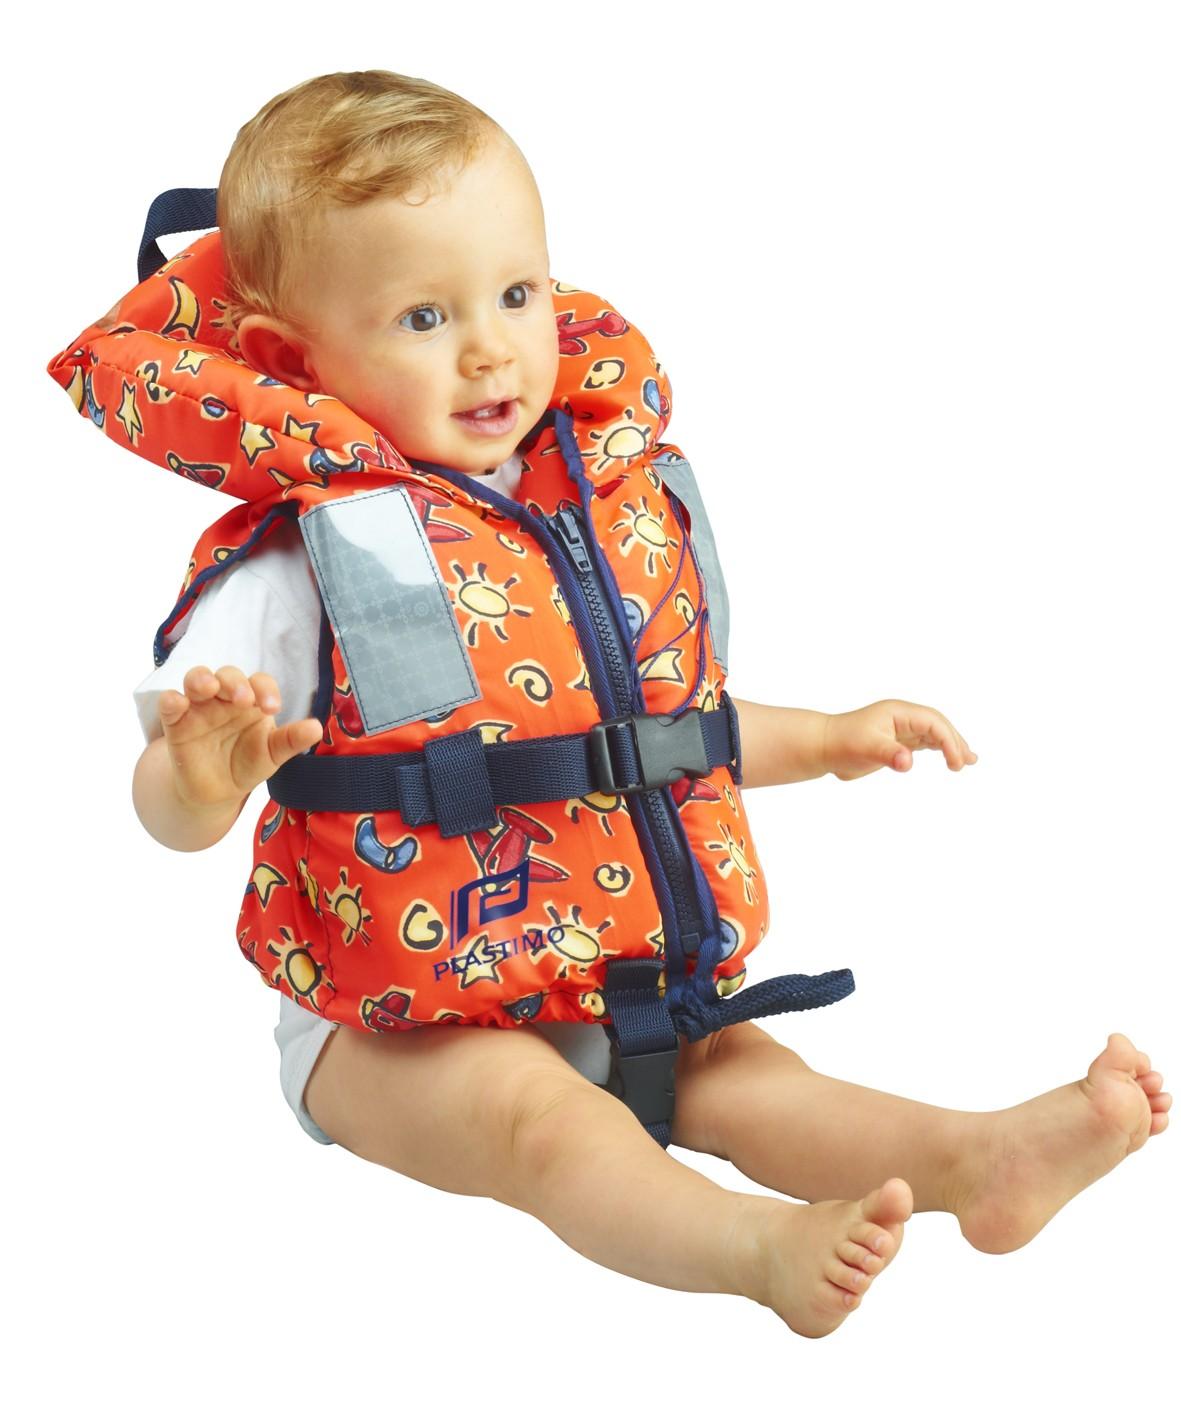 gilet sauvetage bébé